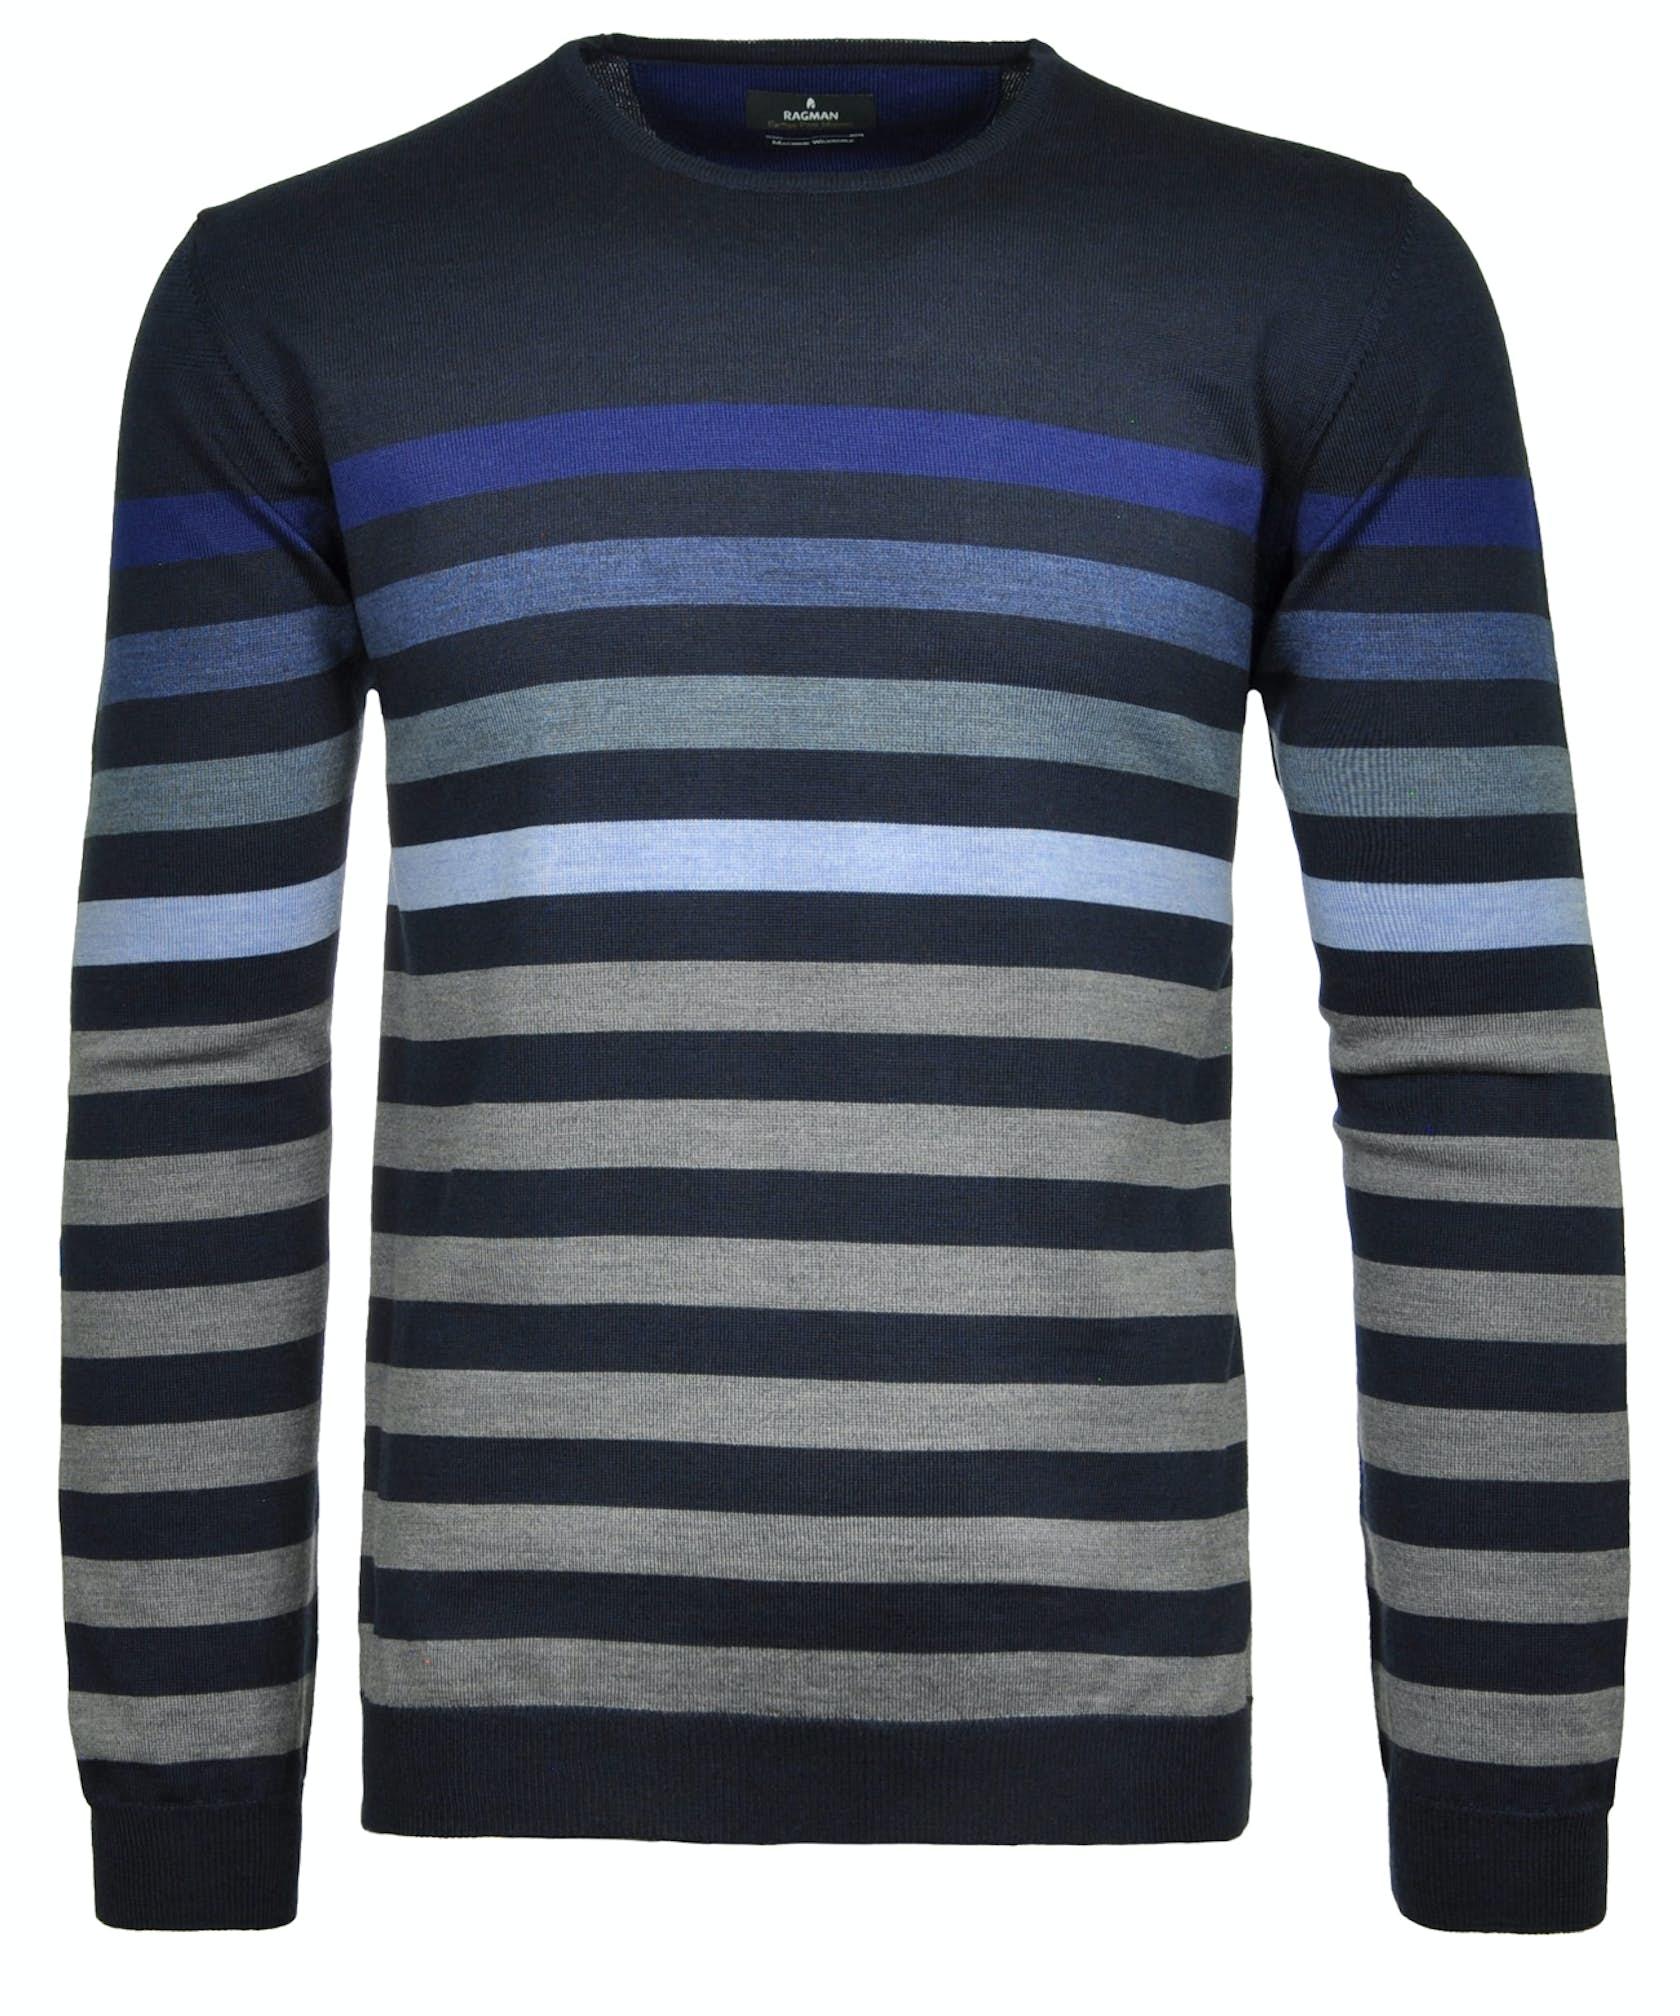 RAGMAN Rundhals-Pullover gestreift